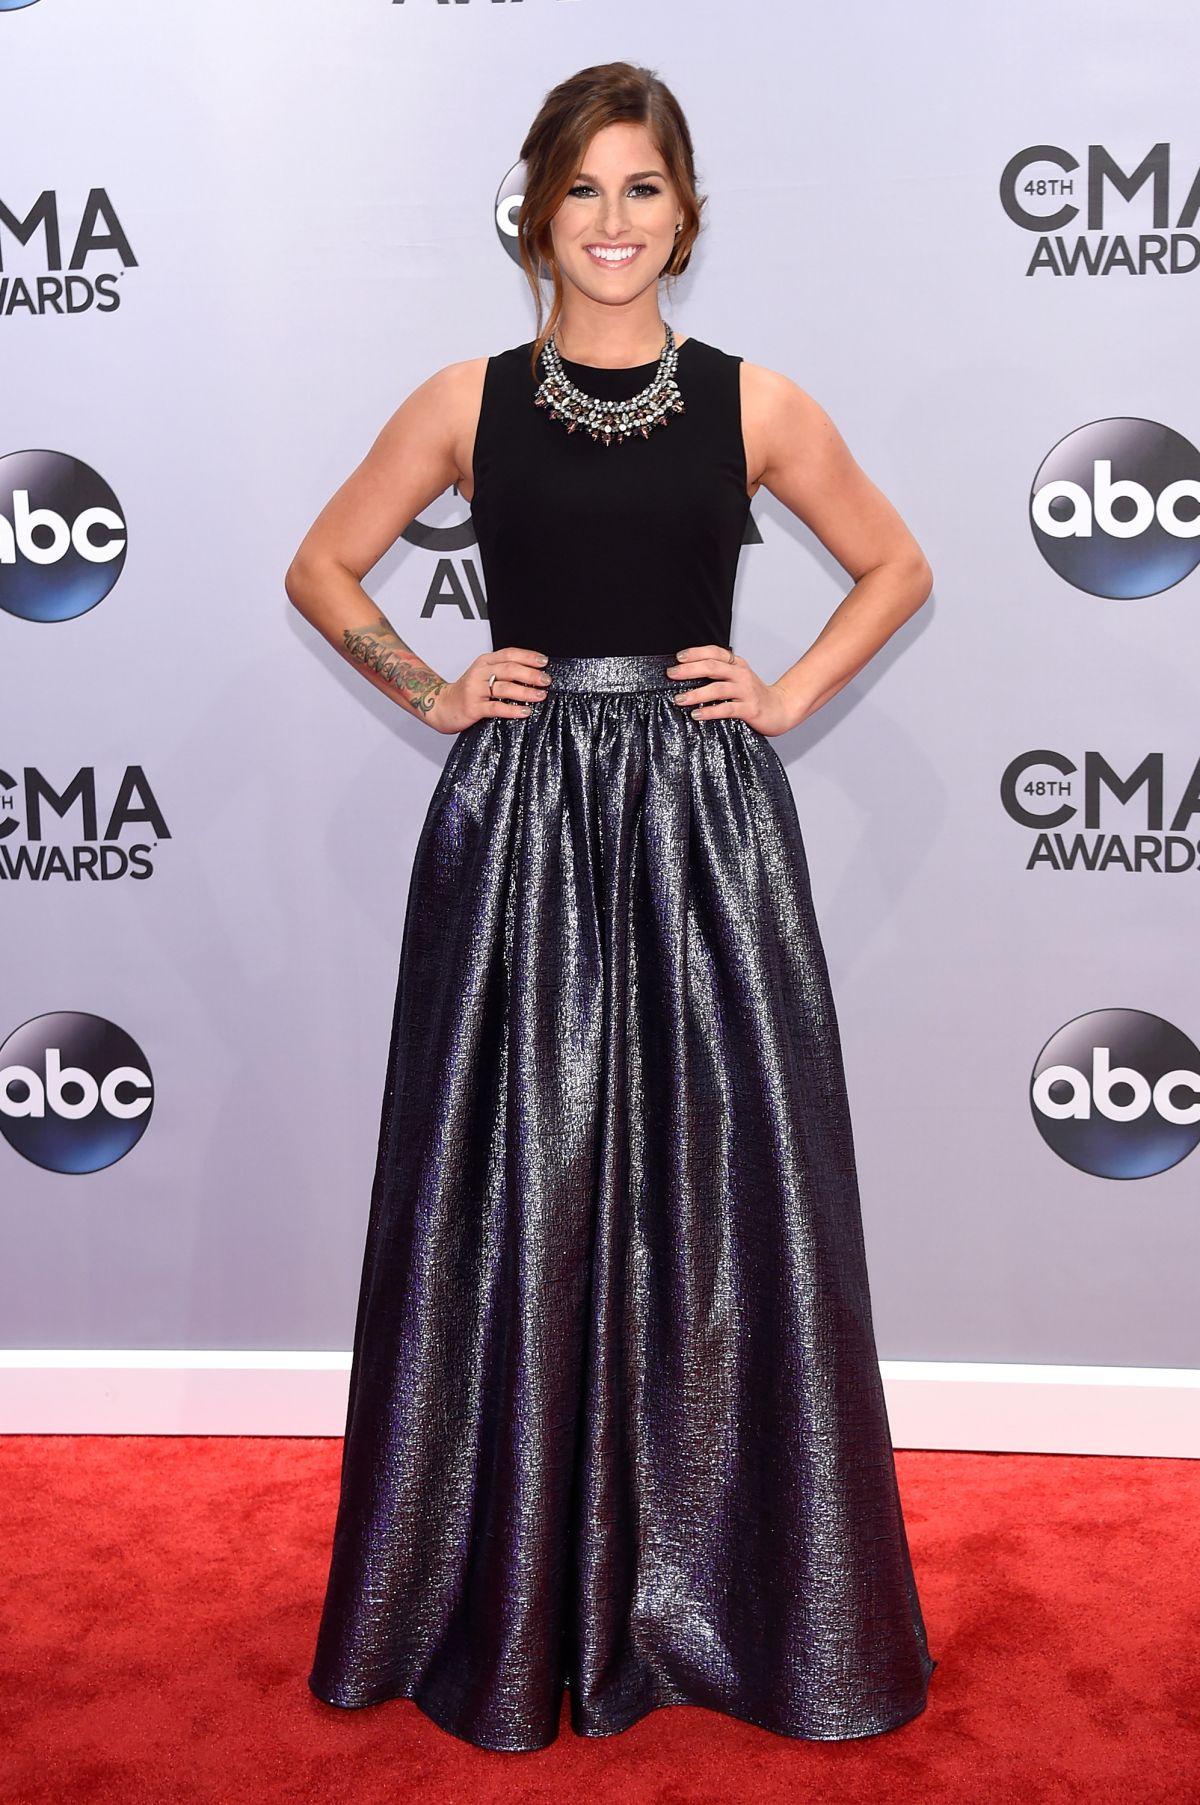 CASSADEE POPE at 2014 CMA Awards in Nashville